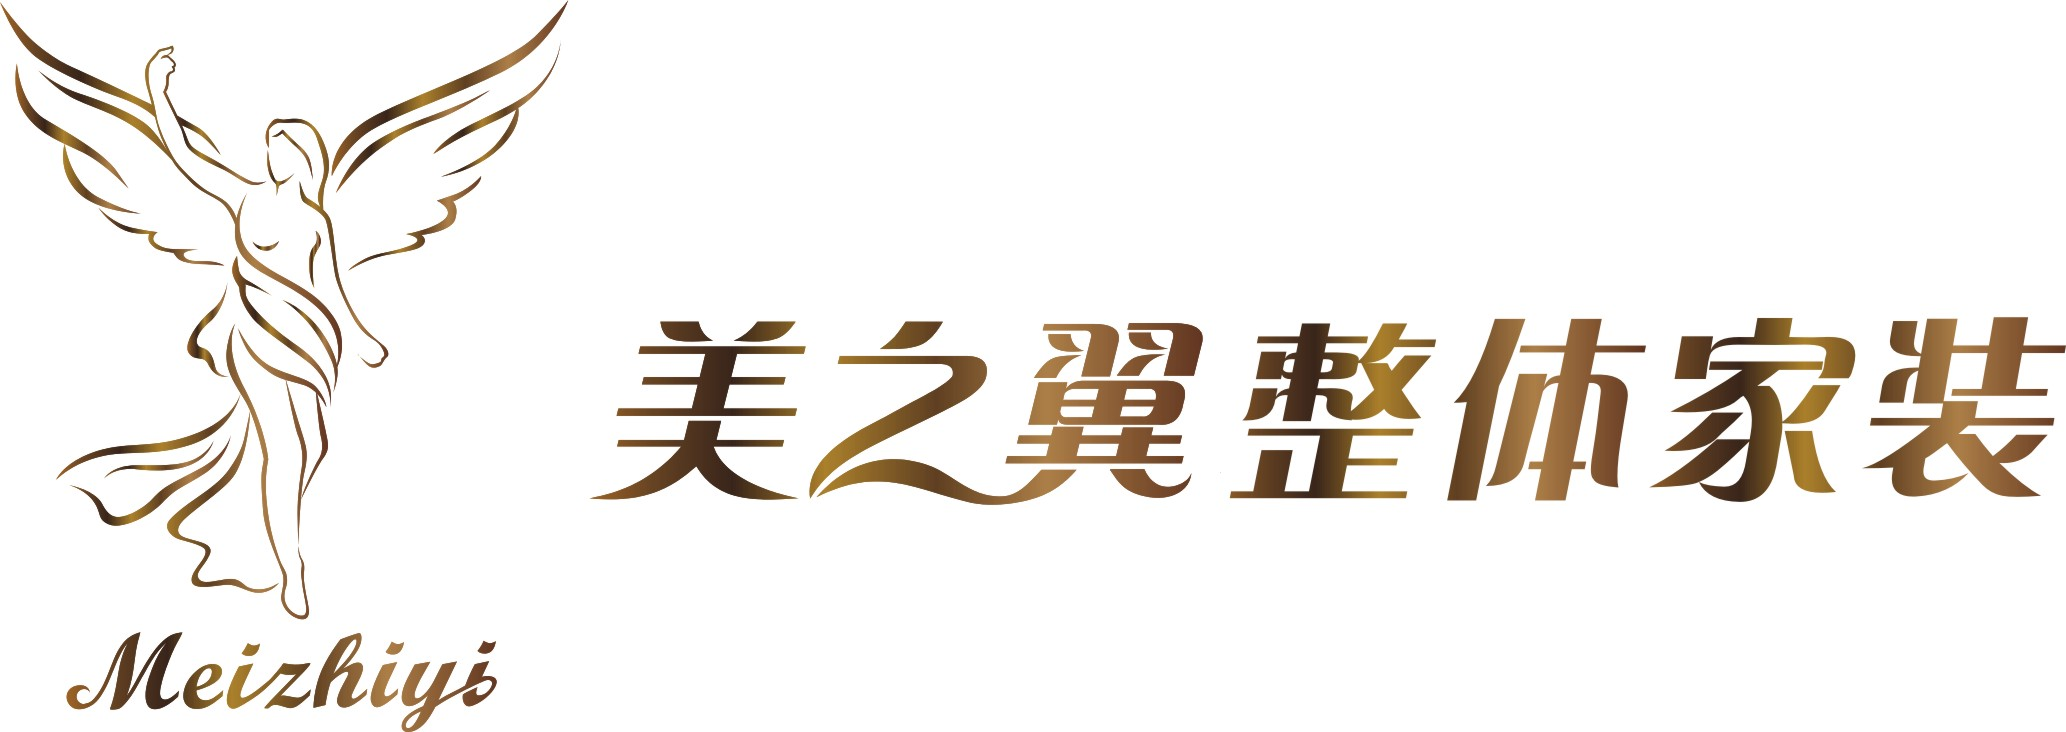 衡阳美之翼装饰设计工程有限公司 - 衡阳装修公司